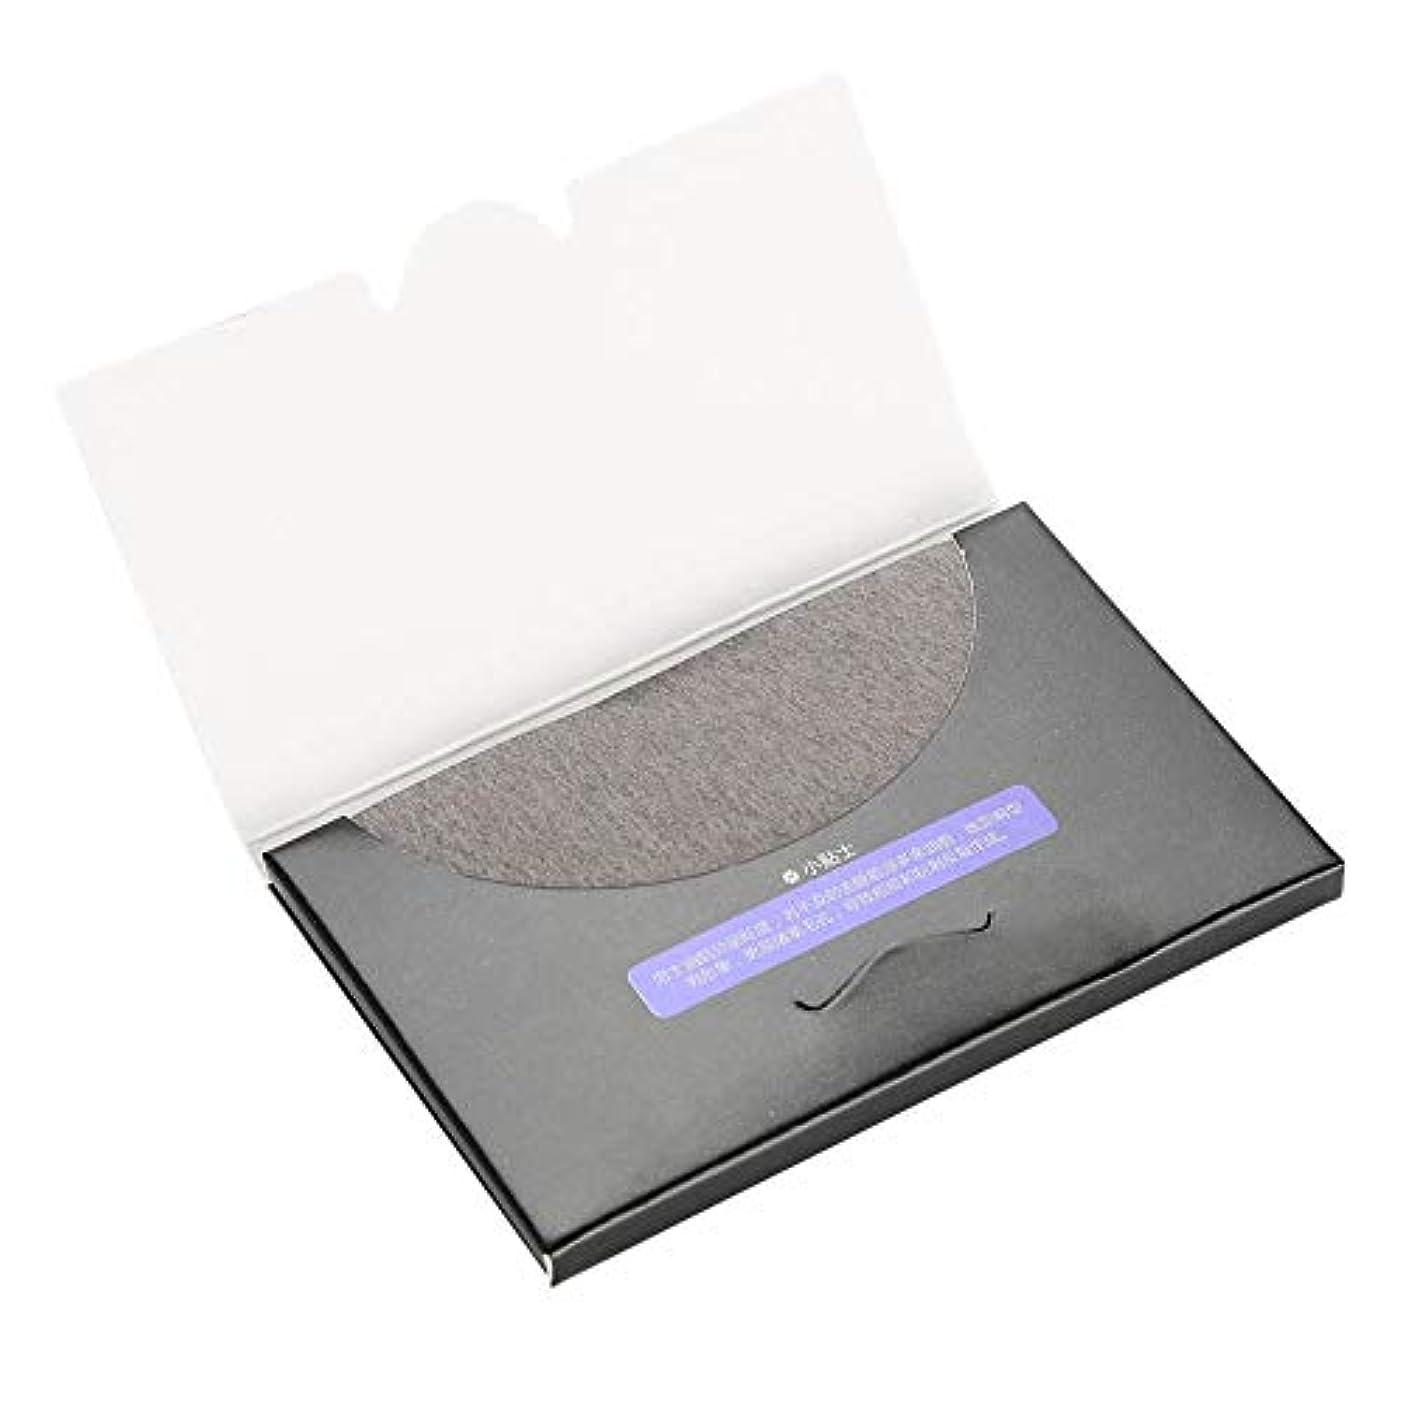 ふざけたメンバー伝染性80枚/袋吸油布 - 化粧フィルムのクリーニング、吸い取り紙の消去 - きれいな吸い取り紙